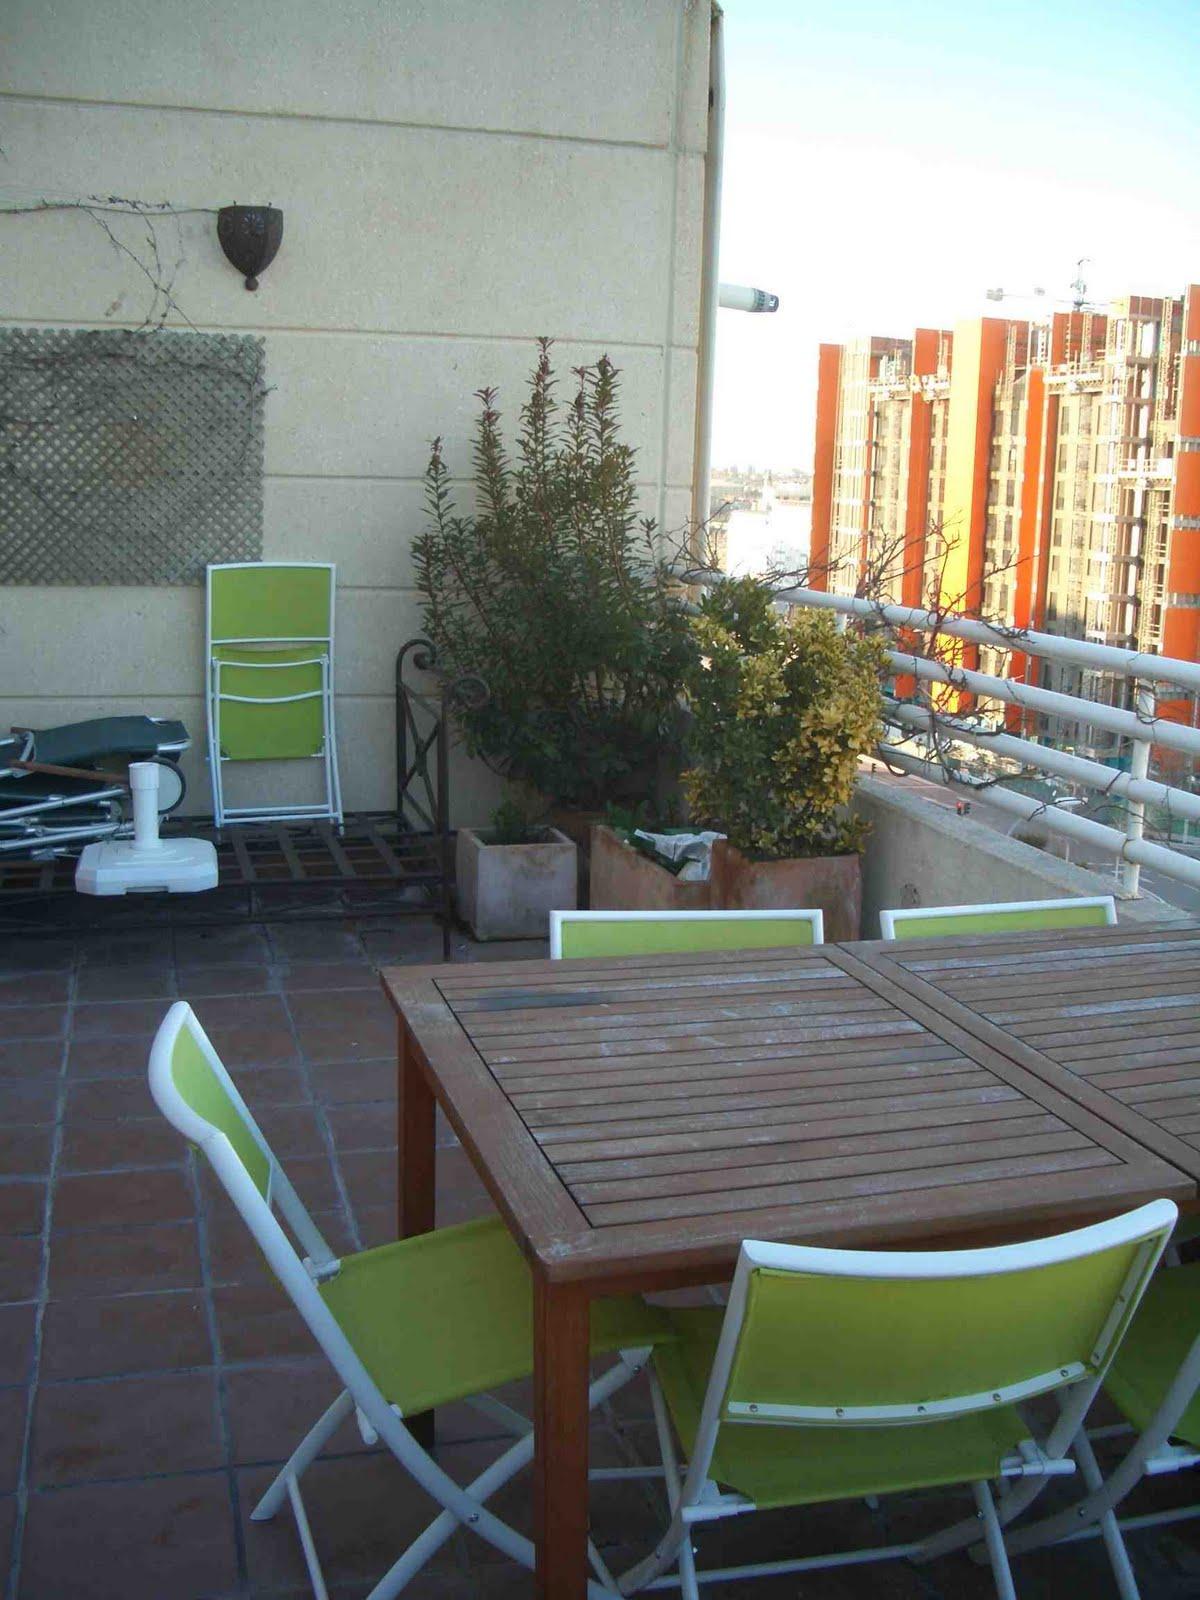 T preguntas ideas para cambiar el suelo de la terraza for Ideas suelo terraza